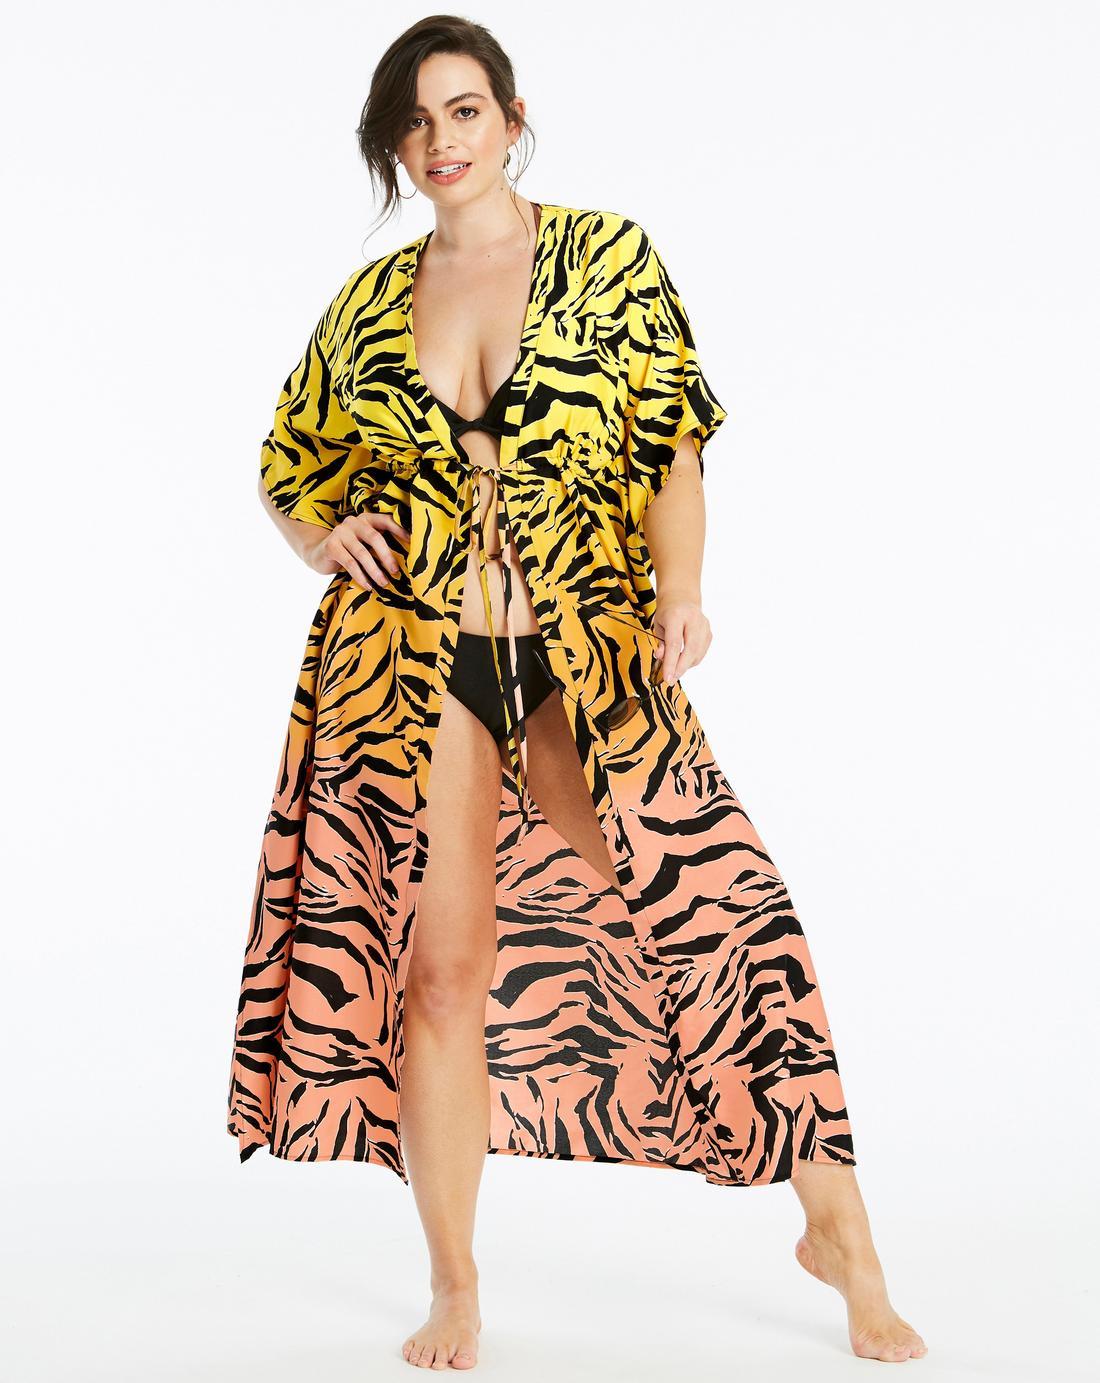 ef7a29ce7e Beach Cover Ups - Best Summer Dress Styles